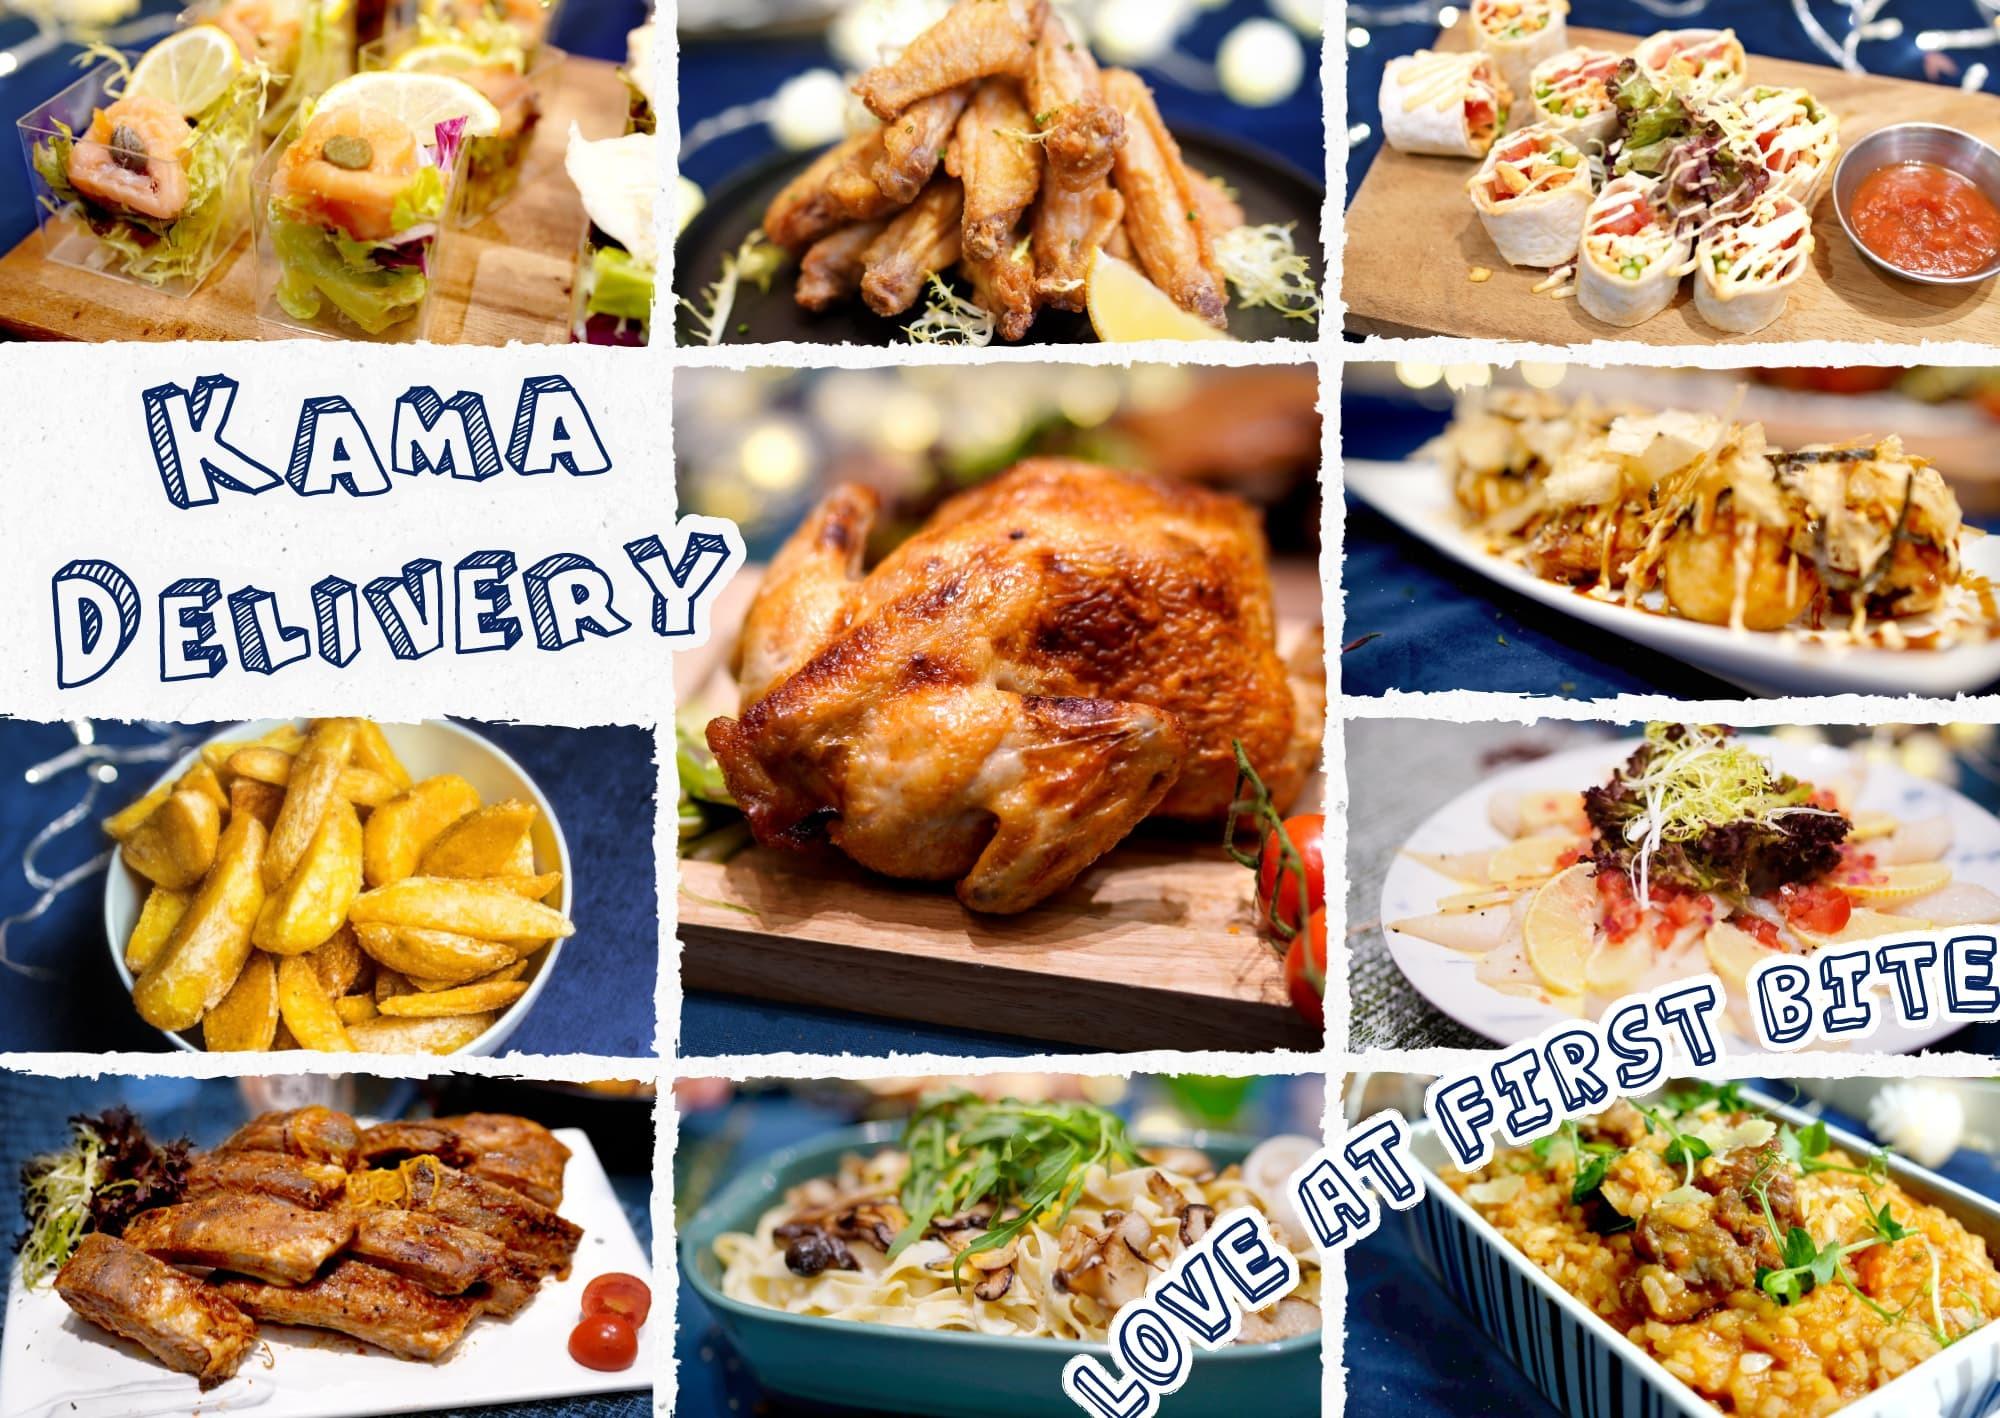 50人外賣套餐預訂|Kama Delivery為50人Party製作各款西式食品,並可為你的派對度身訂造個性化餐單及按人數調整美食份量。